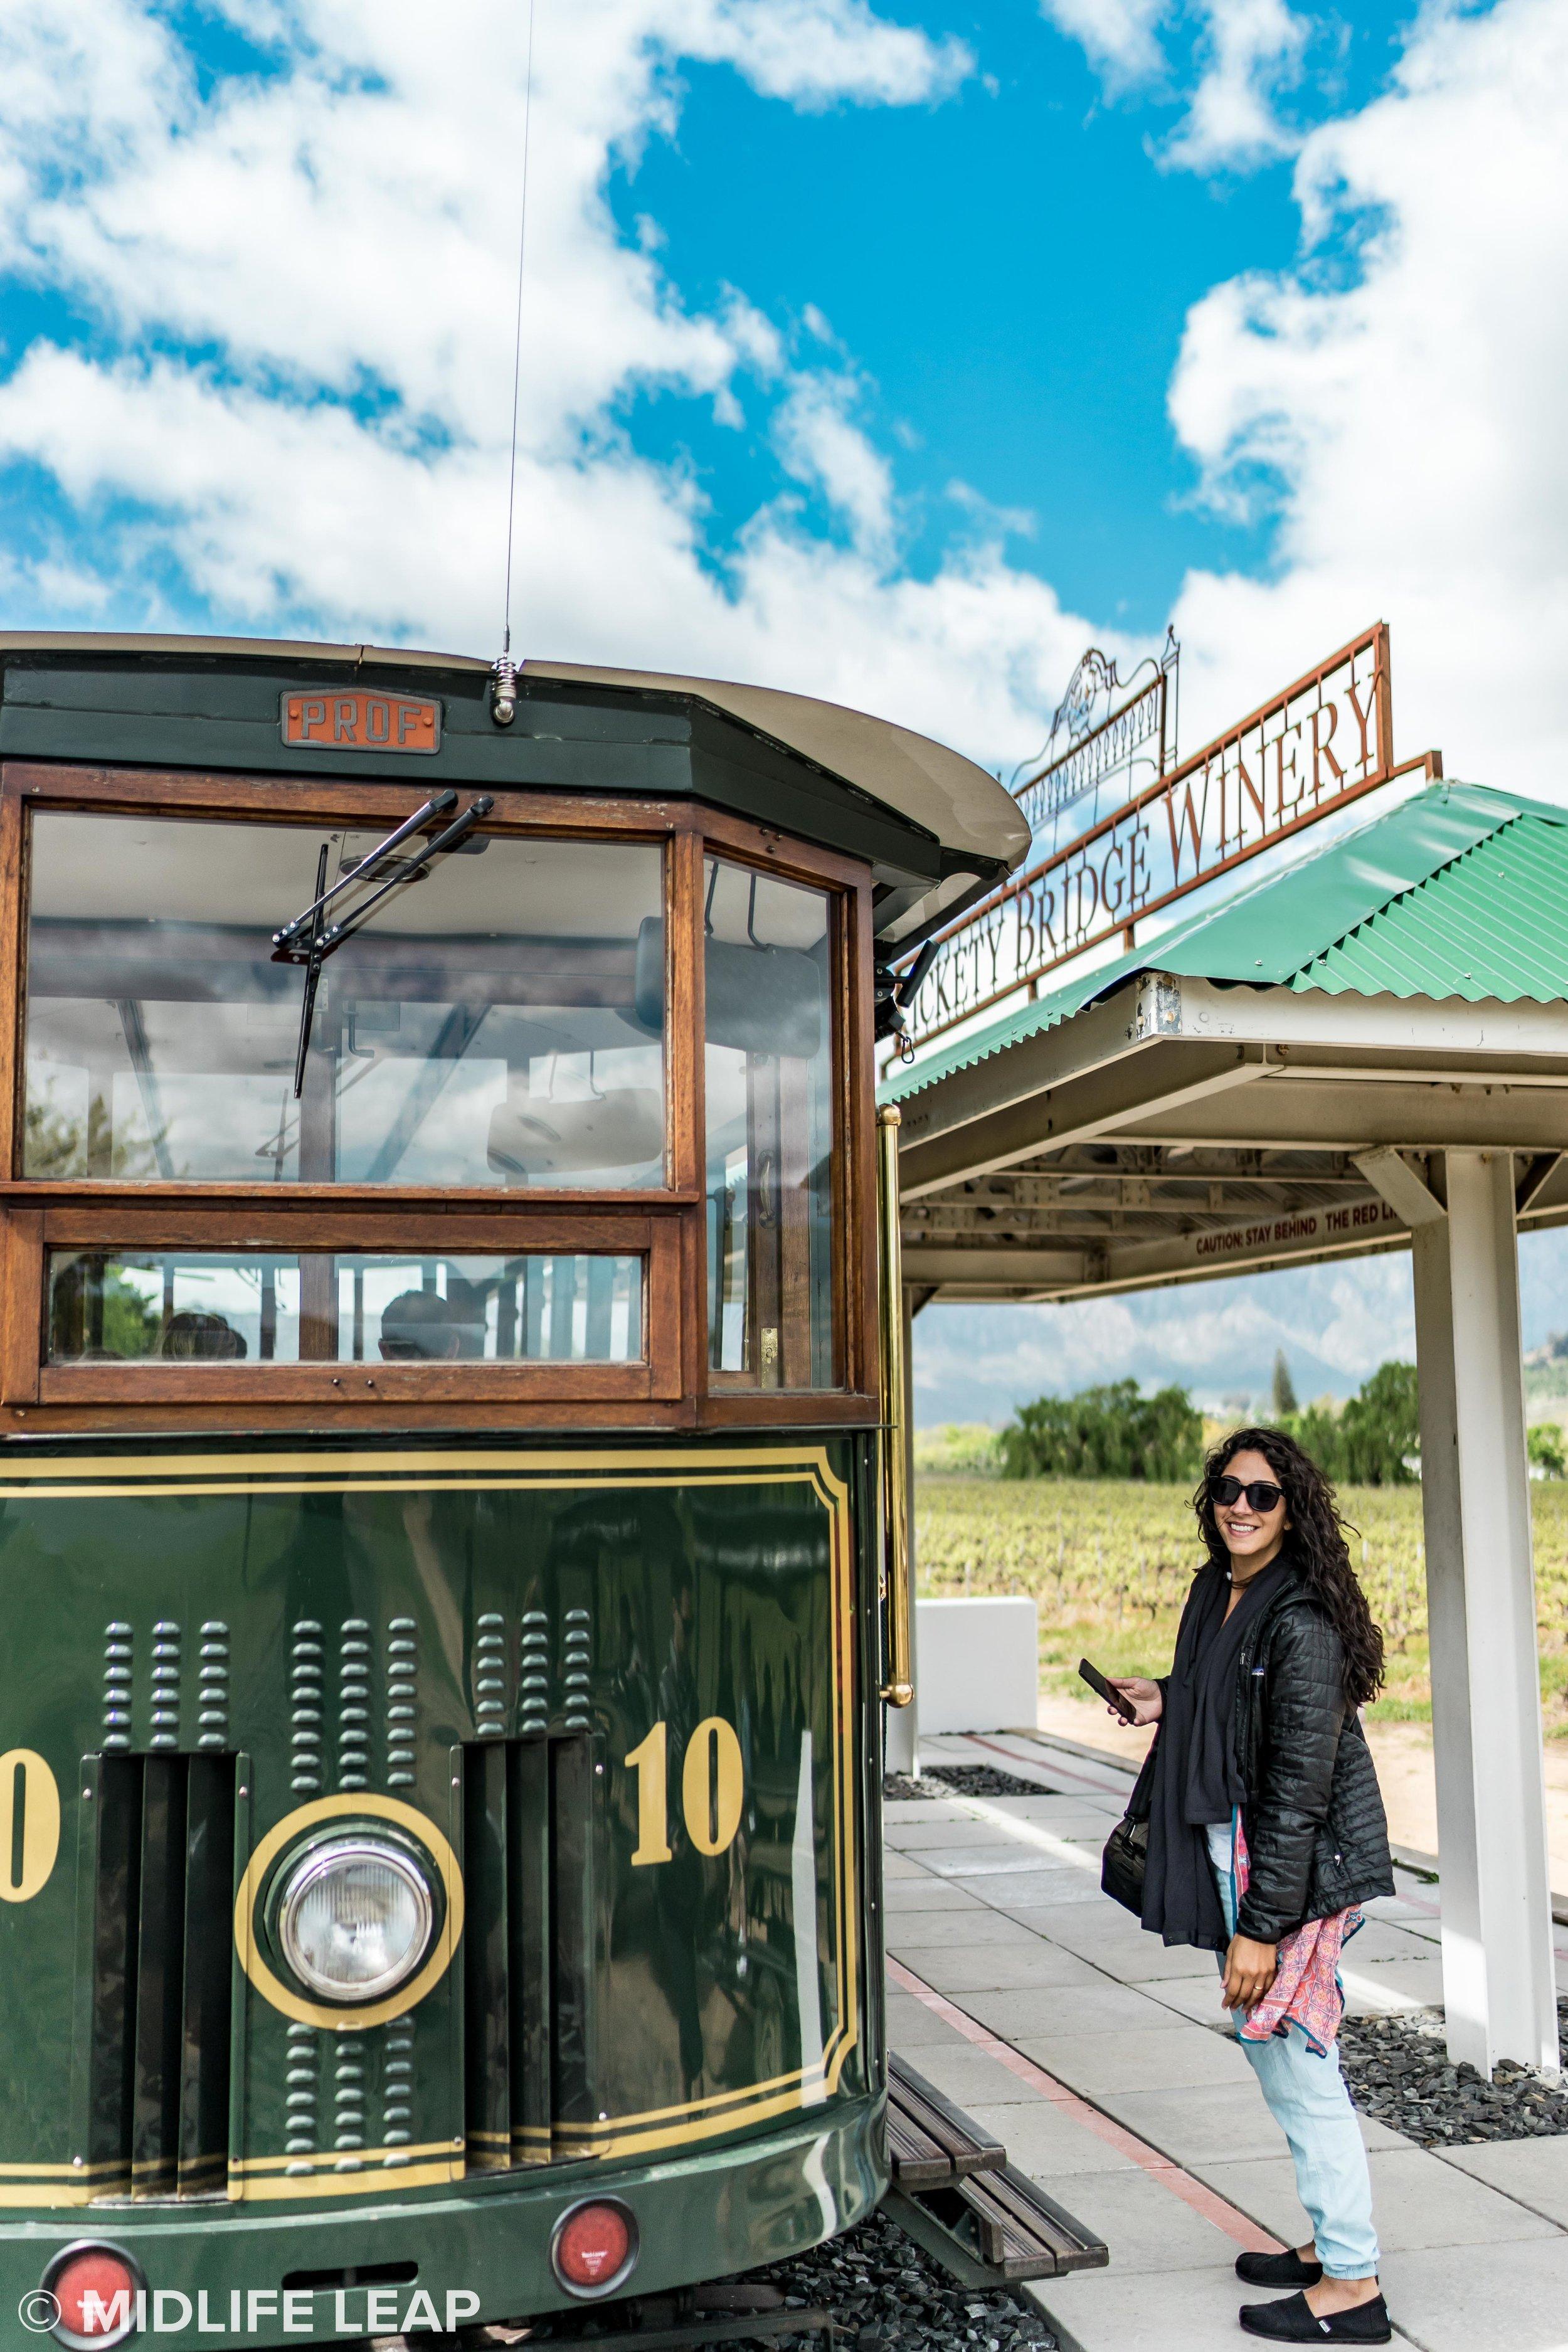 midlifeleap-south-africa-wine-tram-franshoek.jpg